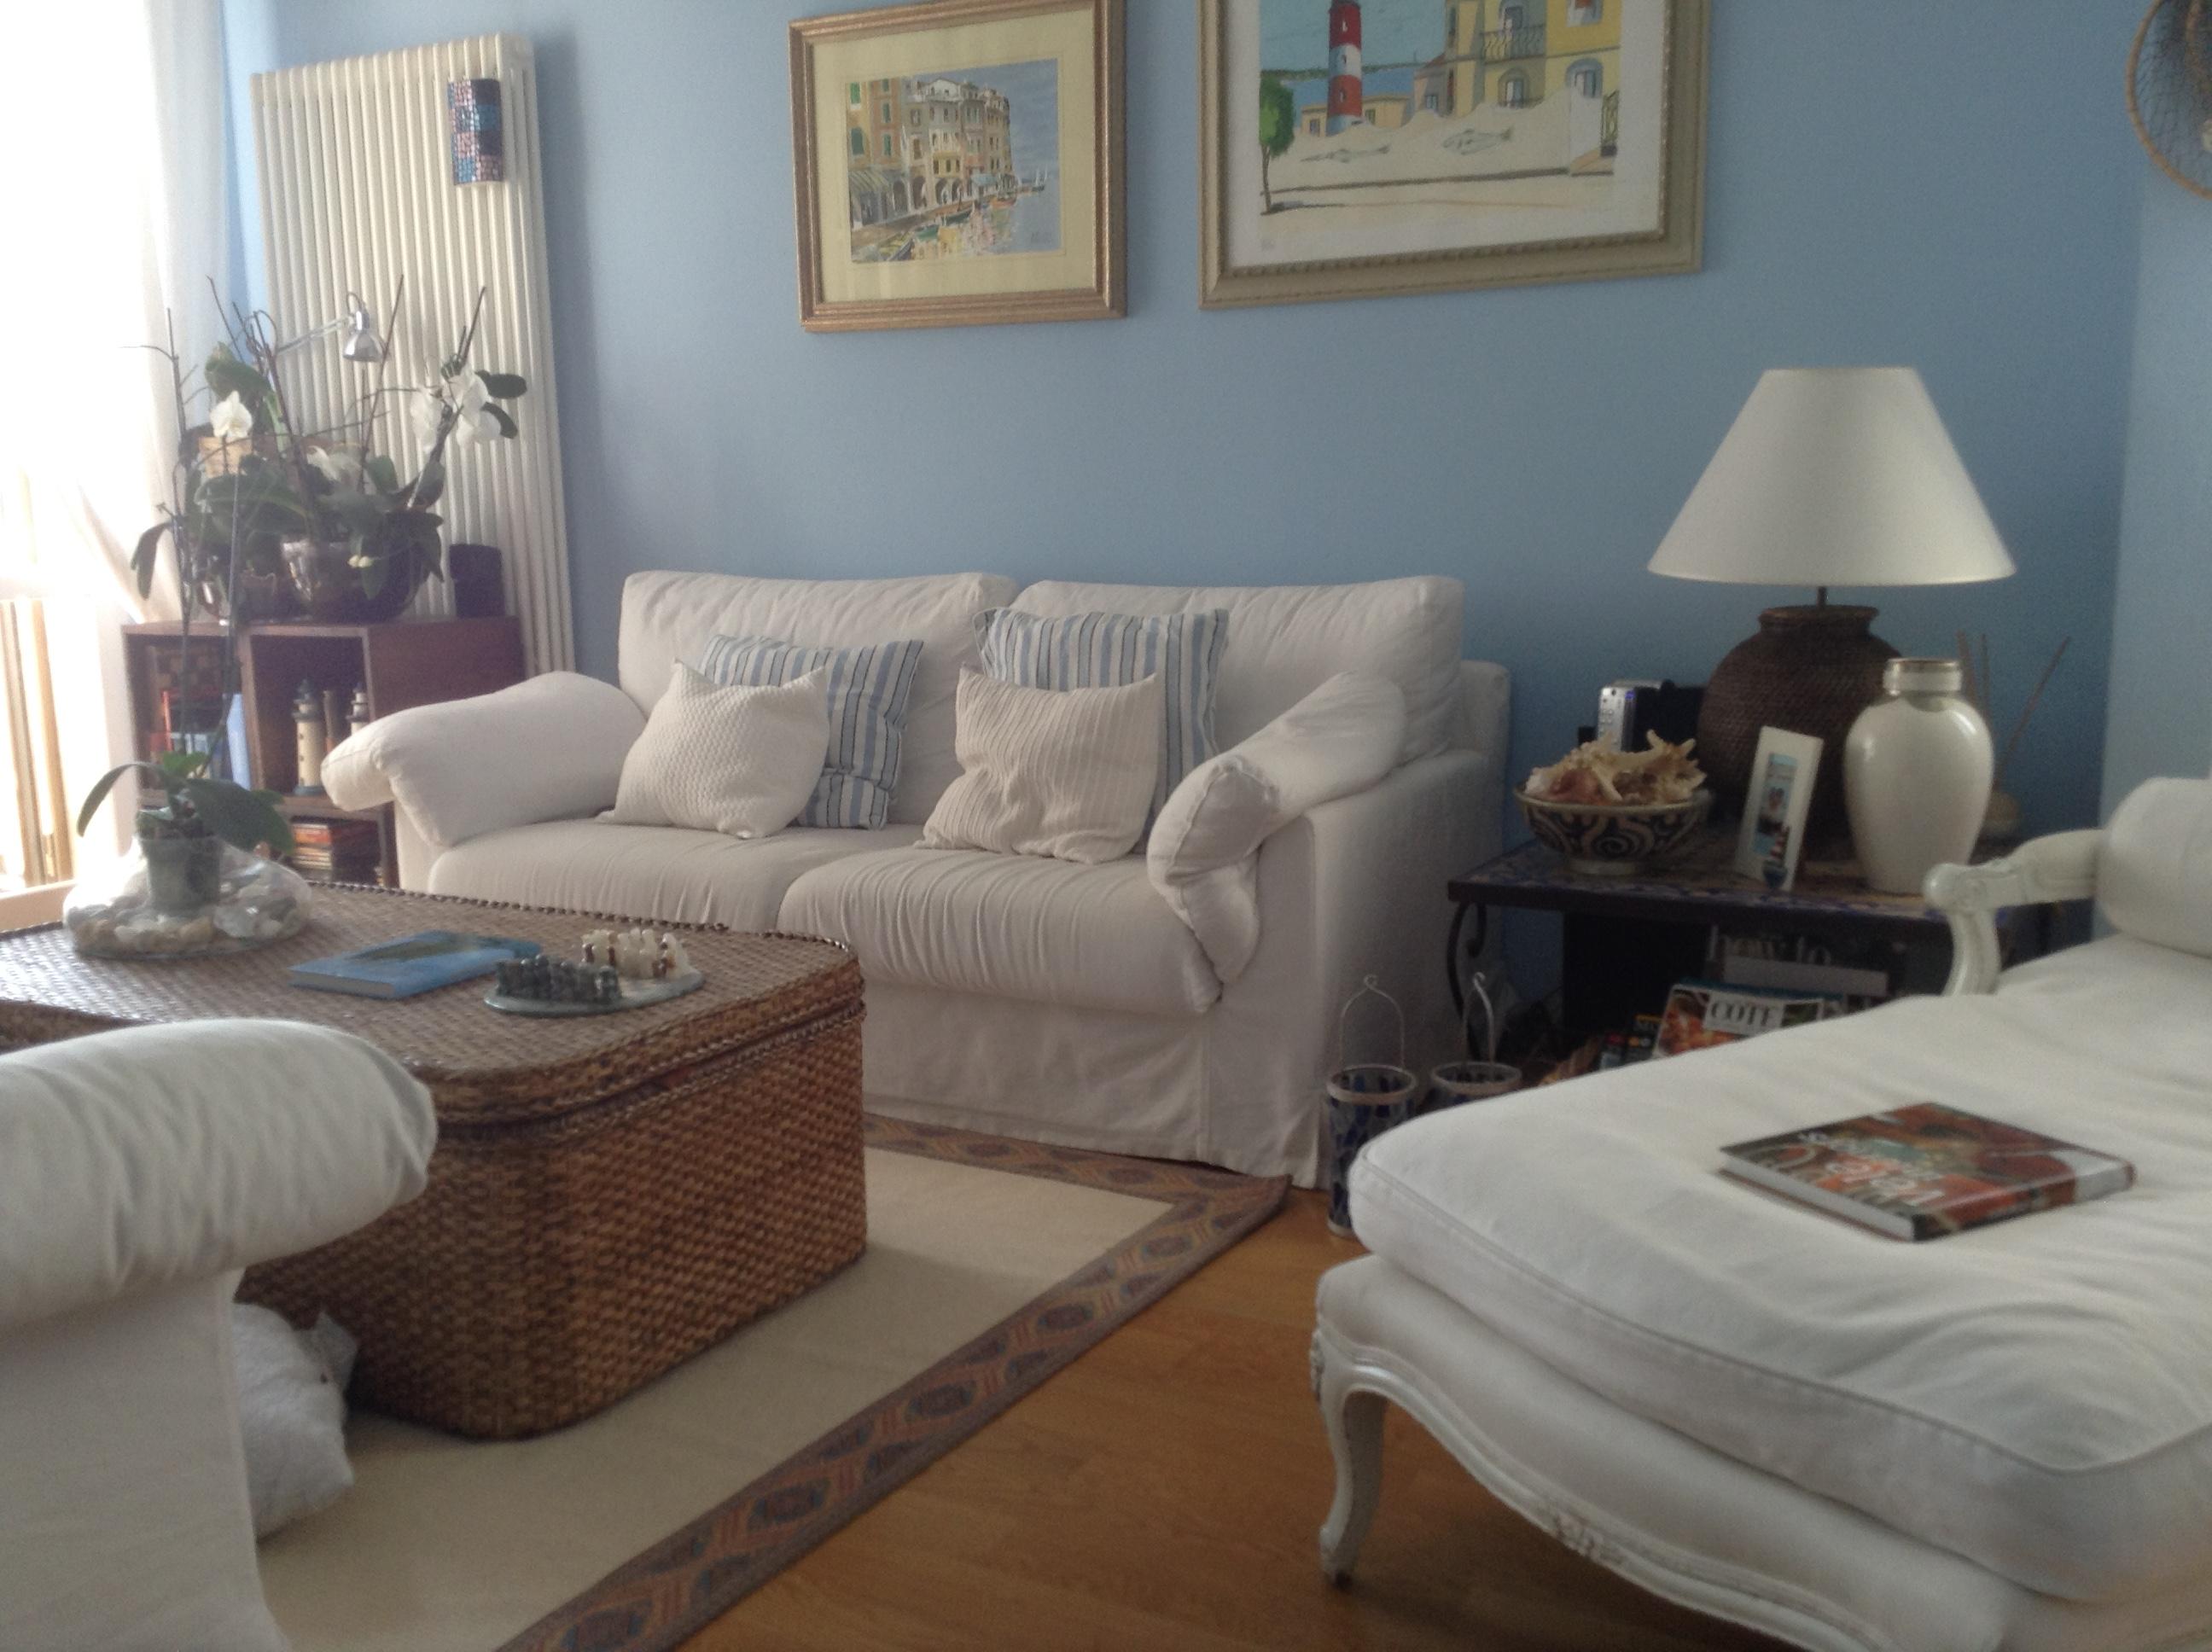 Magazine il piacere della casa vissanicasavissanicasa for Legni di mare arredamento